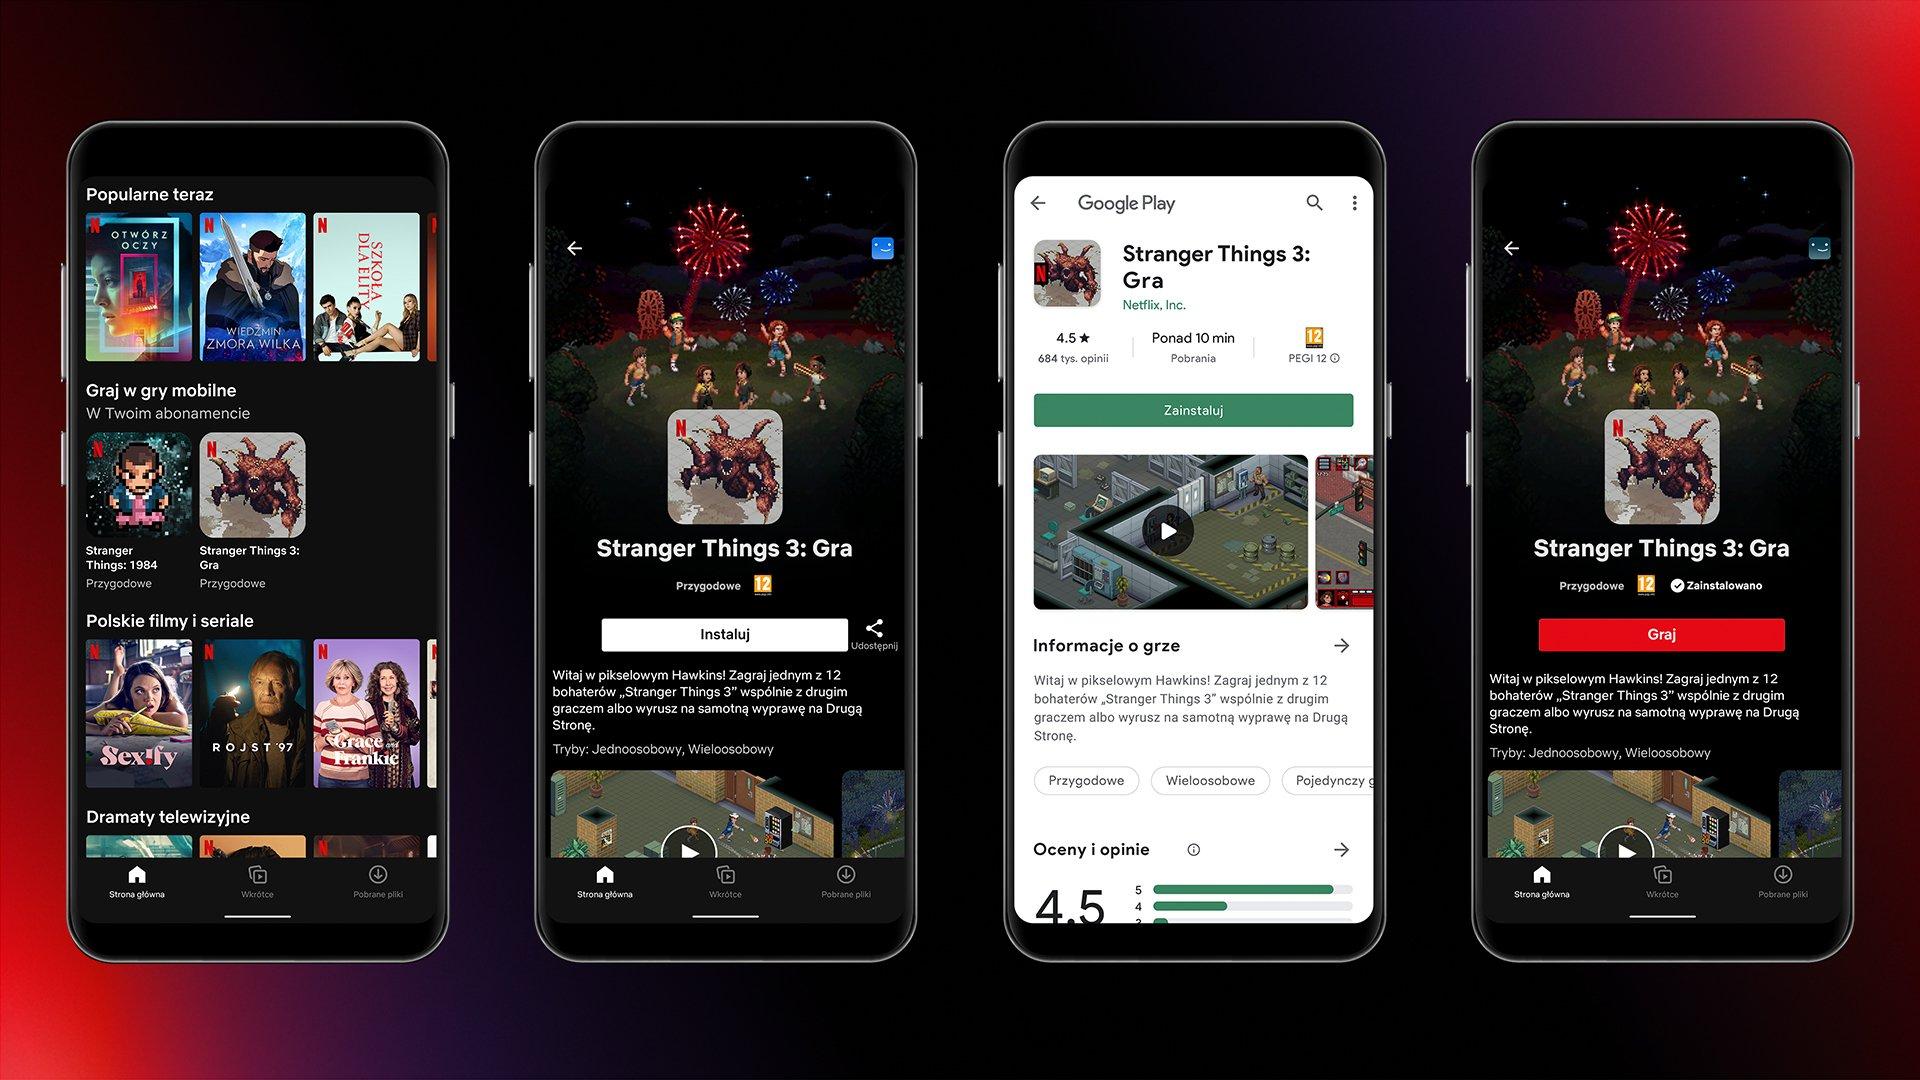 Netflix запустил раздел c мобильными играми, в нём пока доступны две игры по сериалу «Очень странные дела»